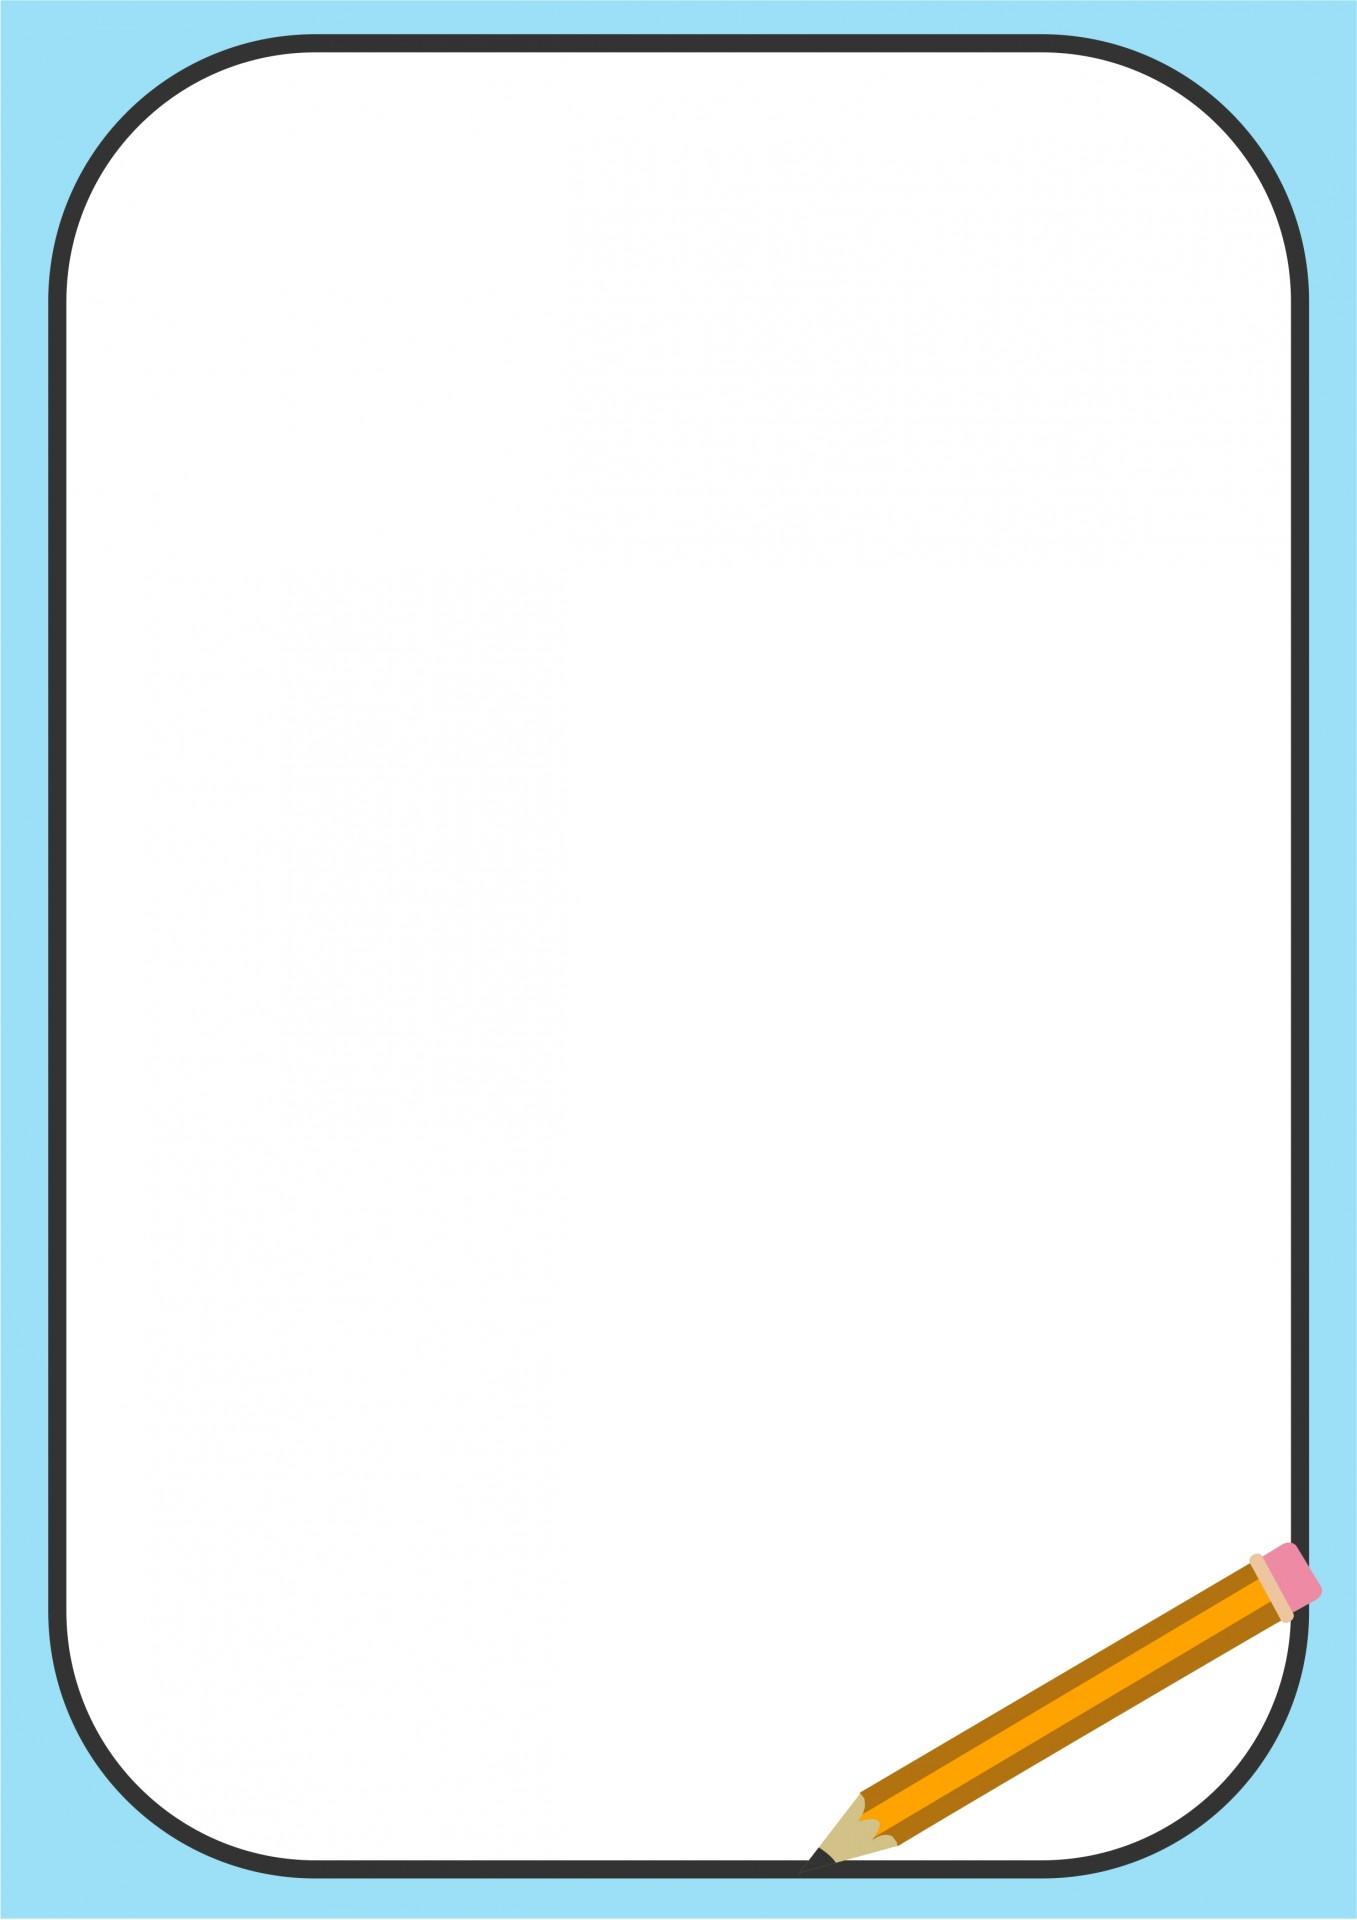 Pencil Border Clipart